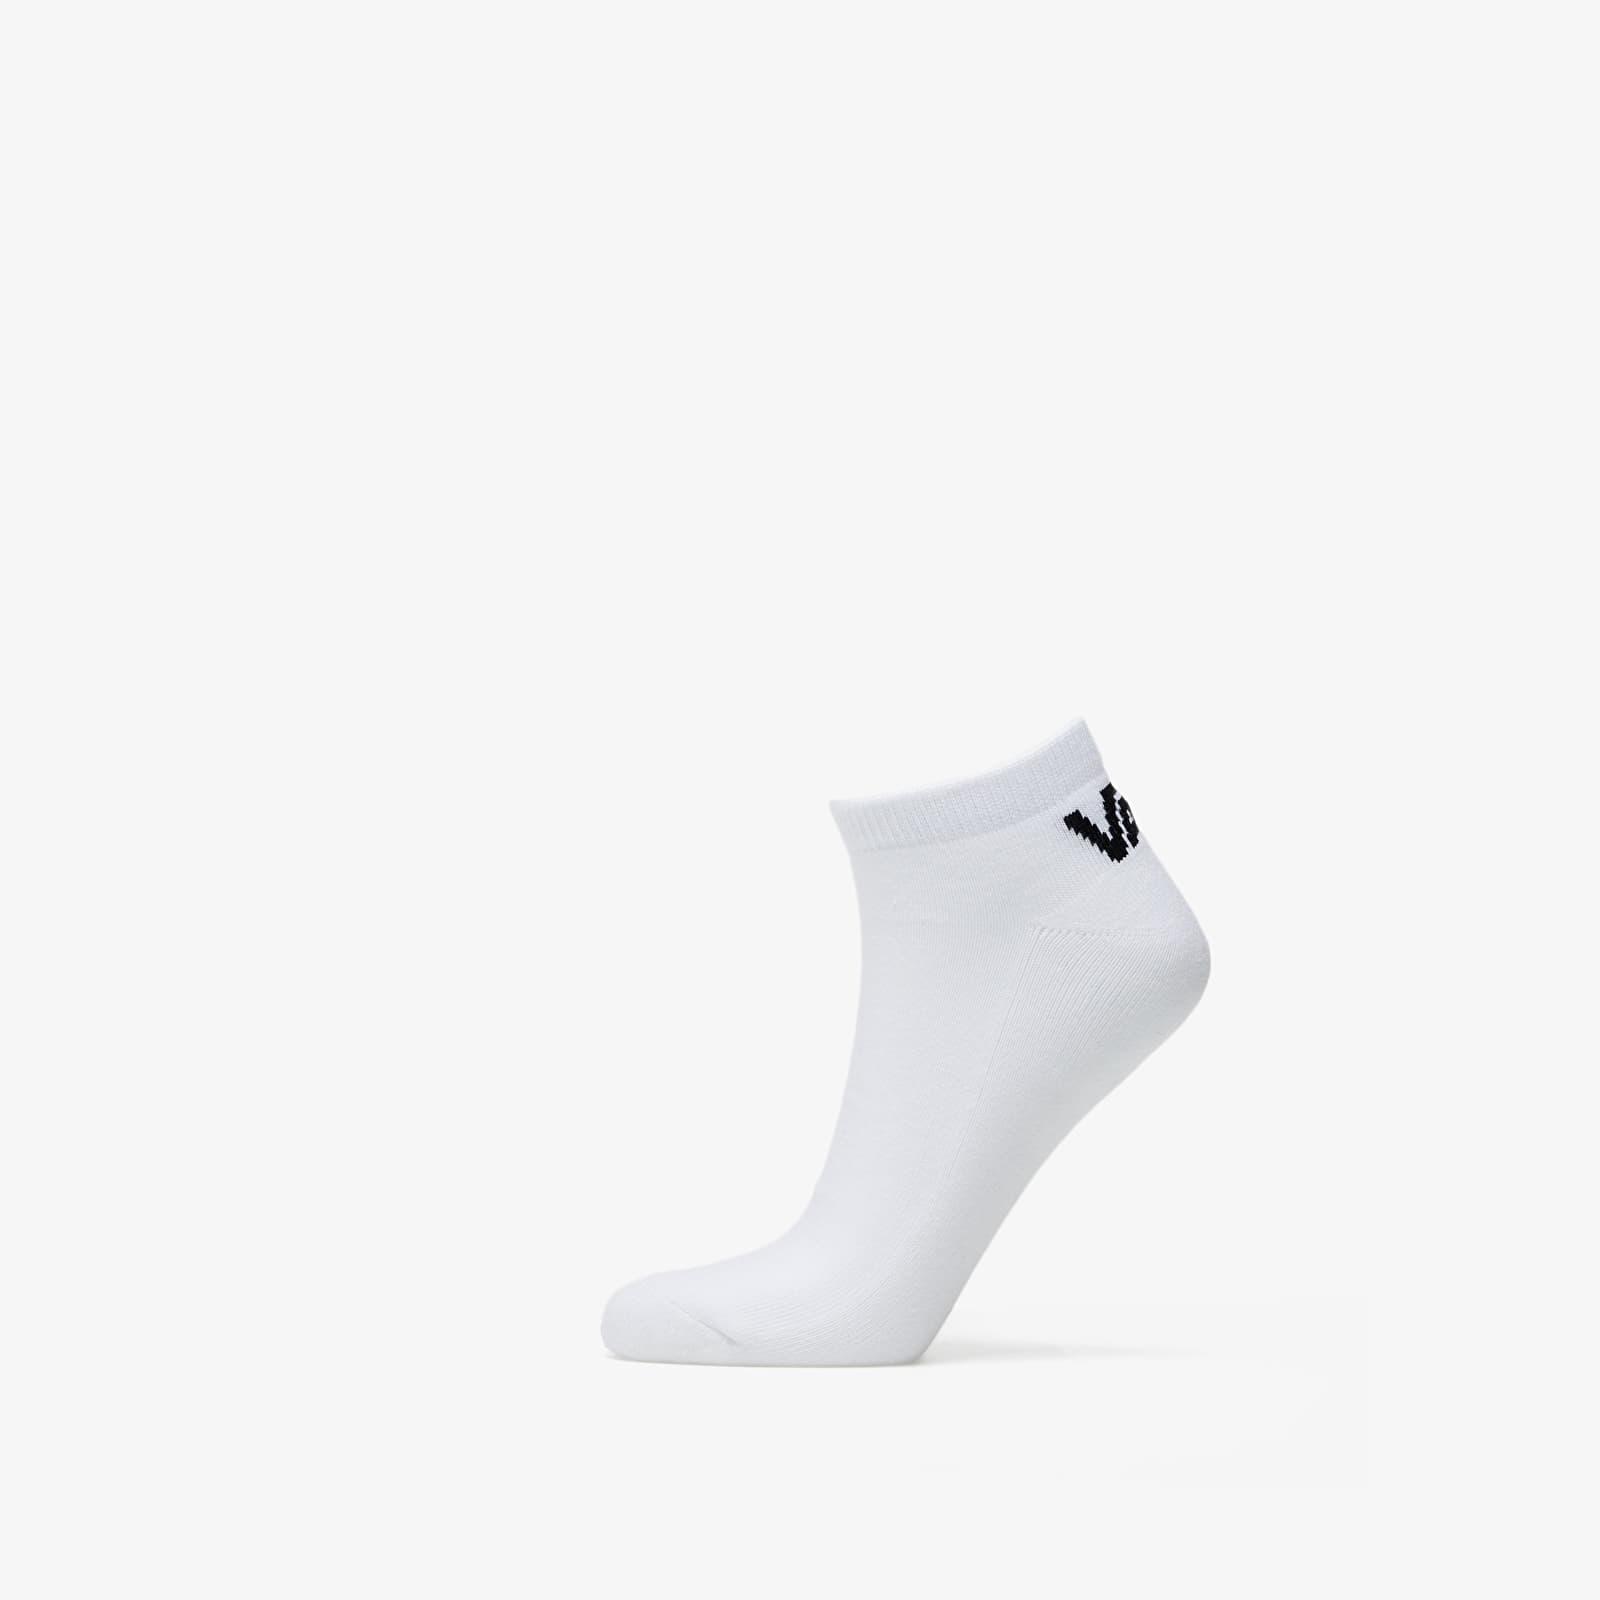 Socken Vans Classic Low 3 Pair Socks White